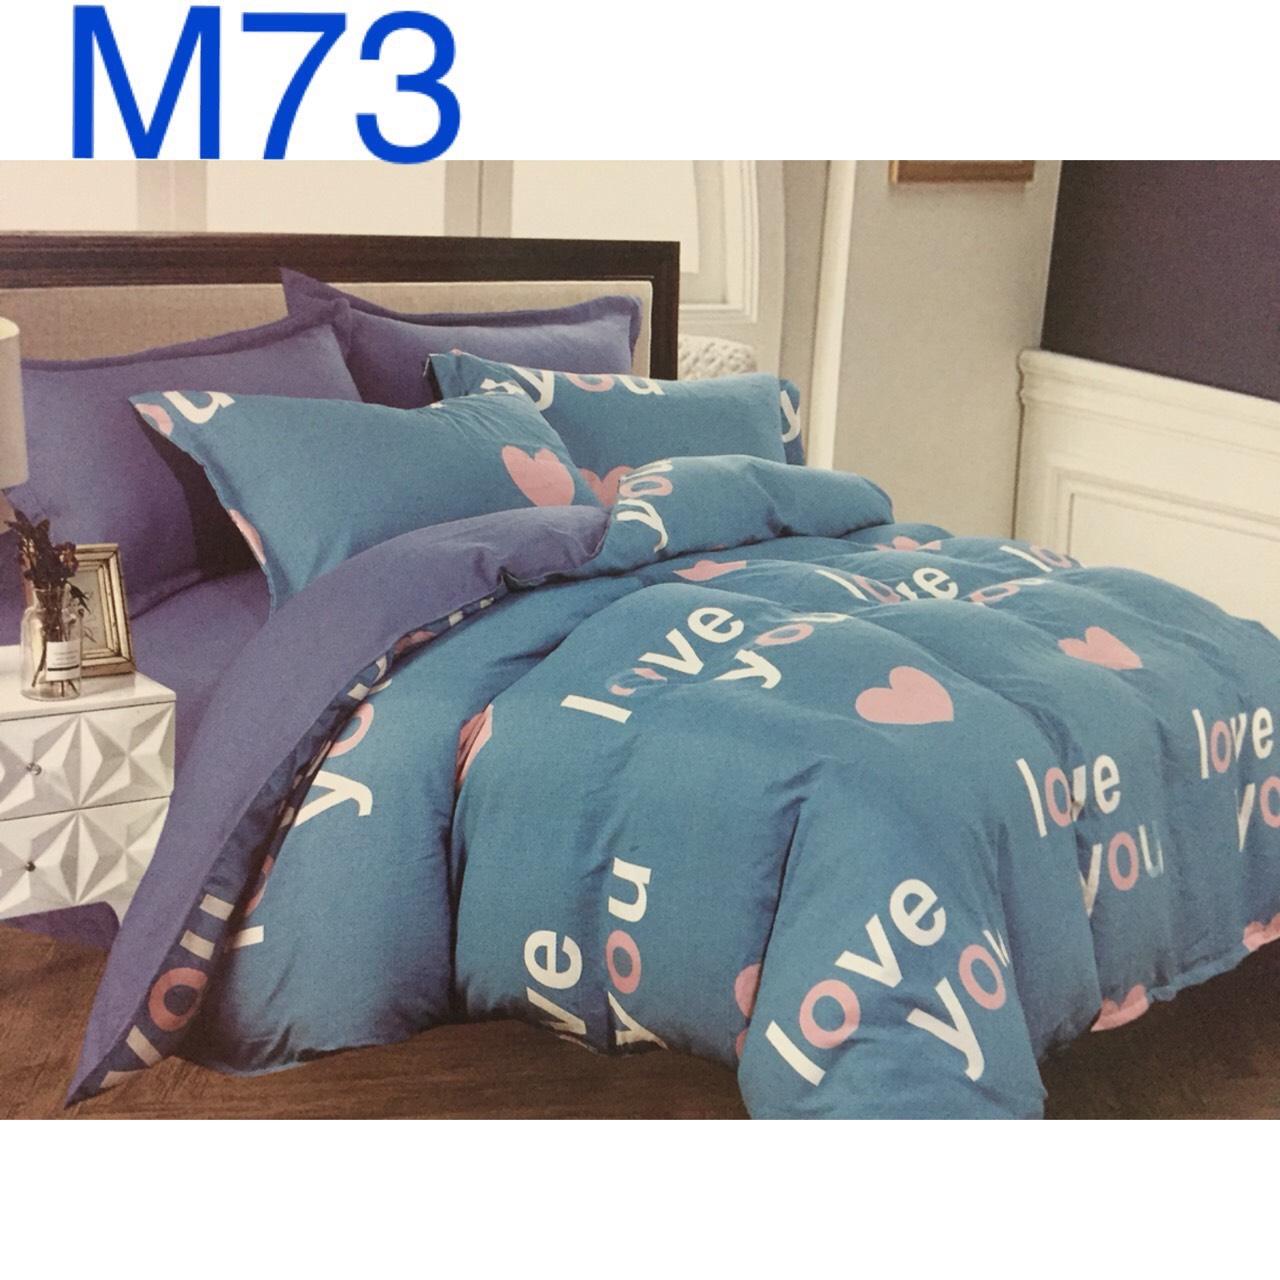 Bộ Chăn Ga Cotton Đũi Loại 1 Hàn Quốc - M73